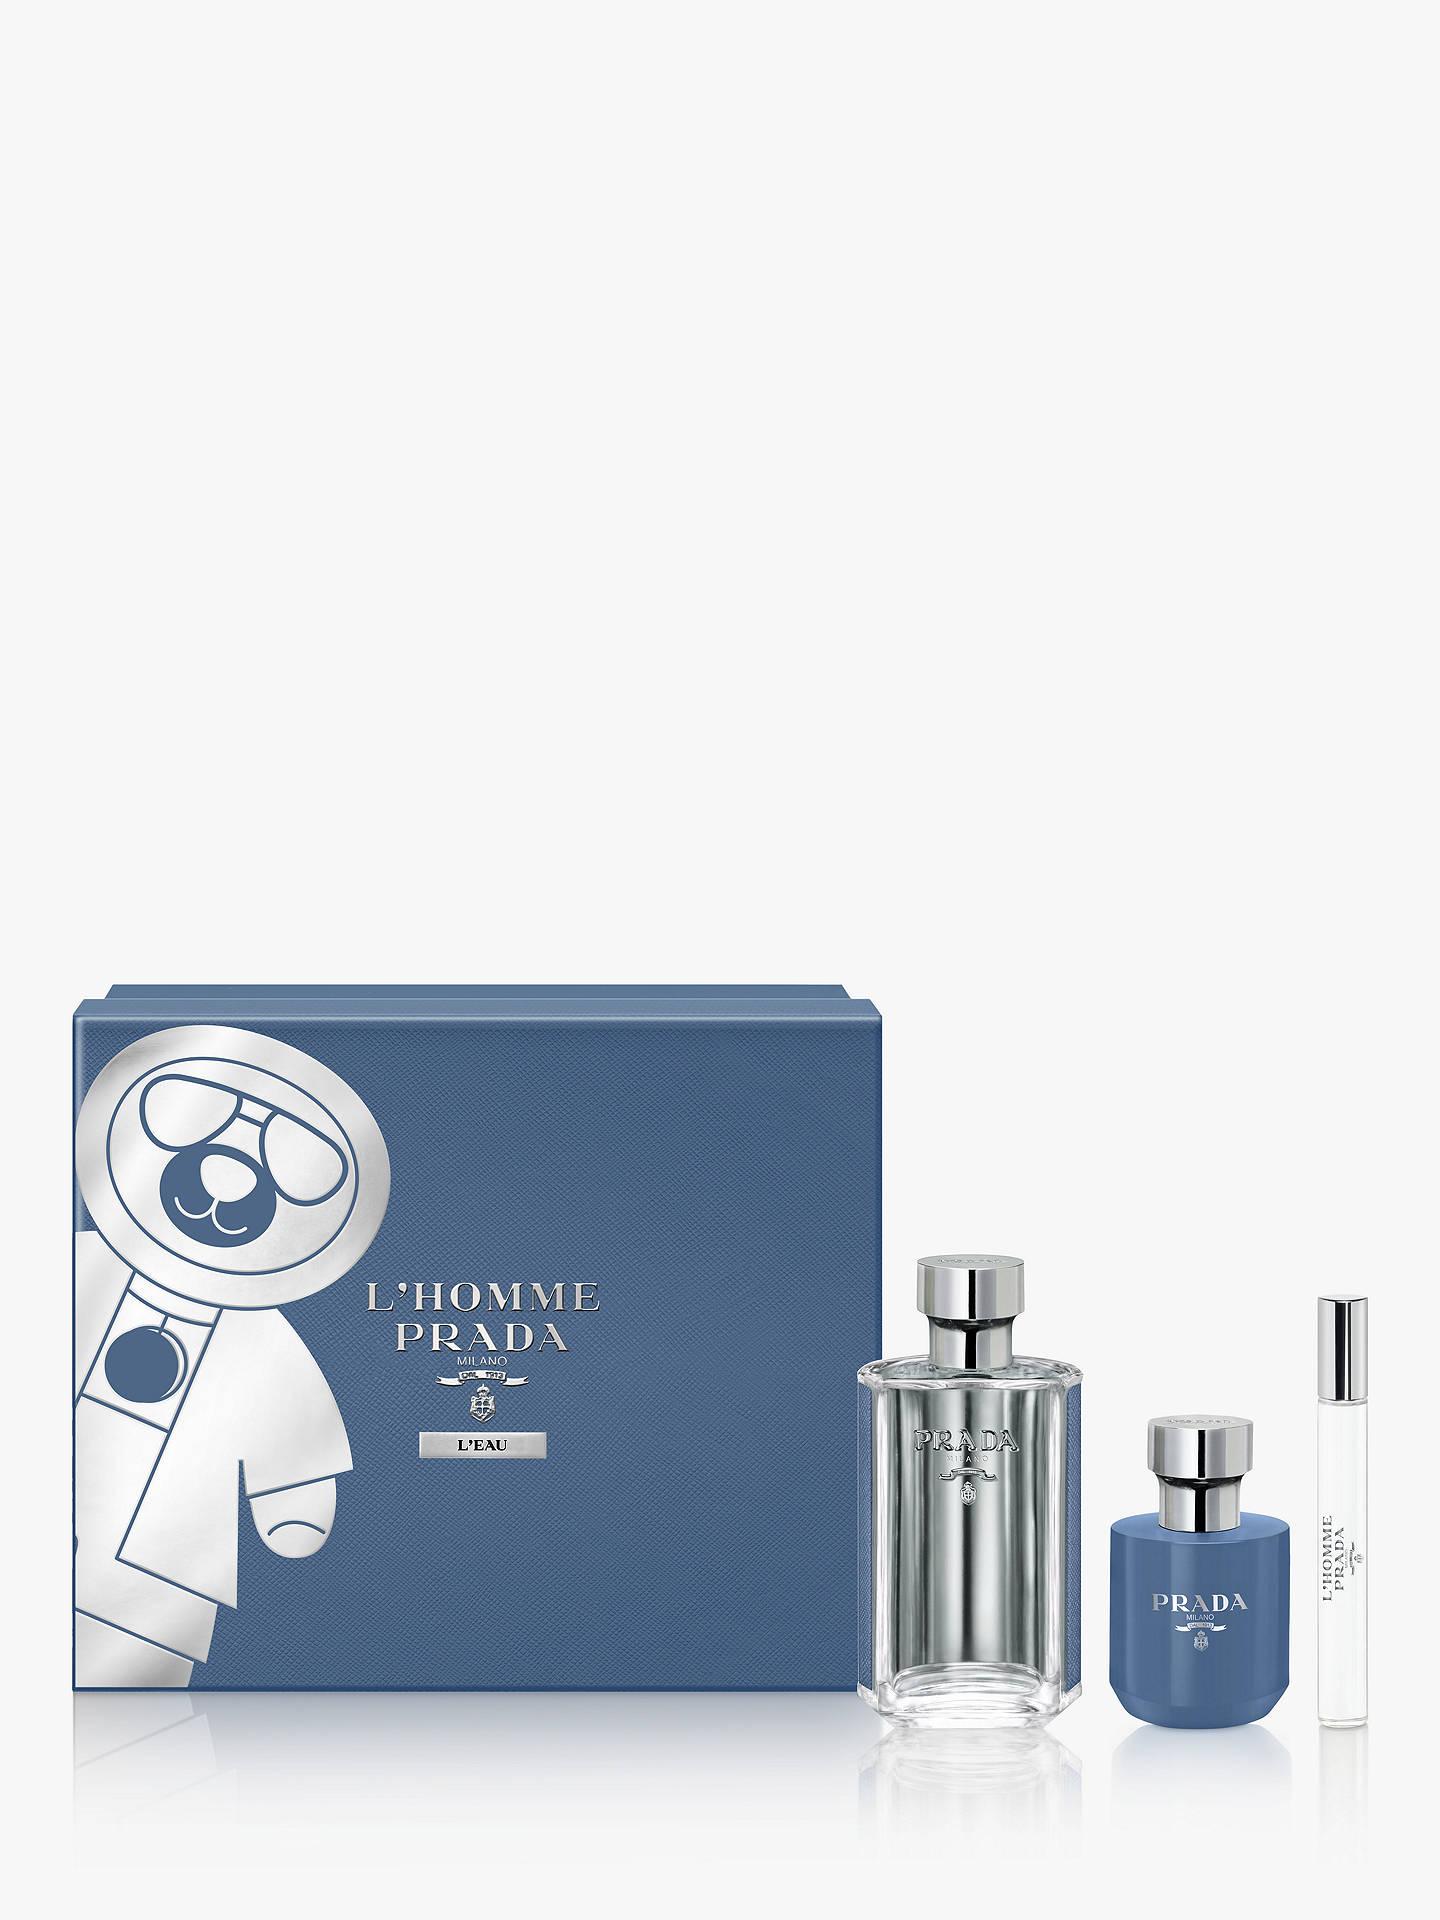 BuyPrada L Homme L Eau 100ml Eau de Toilette Fragrance Gift Set Online at 71d50463e95